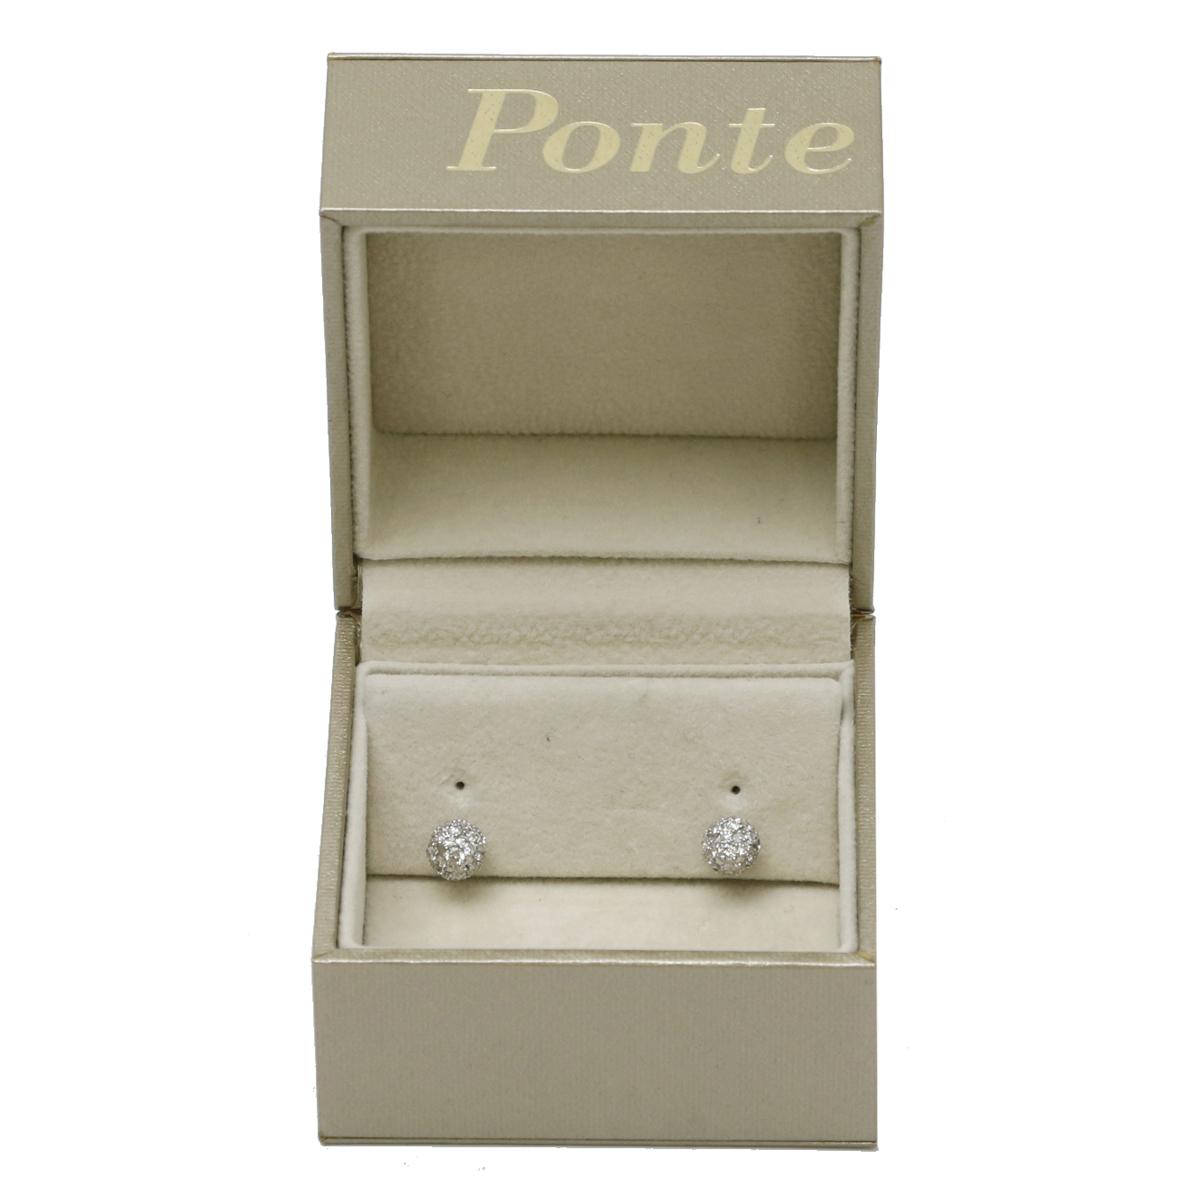 飯能本店Ponte Vecchio ポンテヴェキオ ダイヤモンド ピアス 750ホワイトゴールド レディース DH47596 大黒屋質店出品wvN0m8n